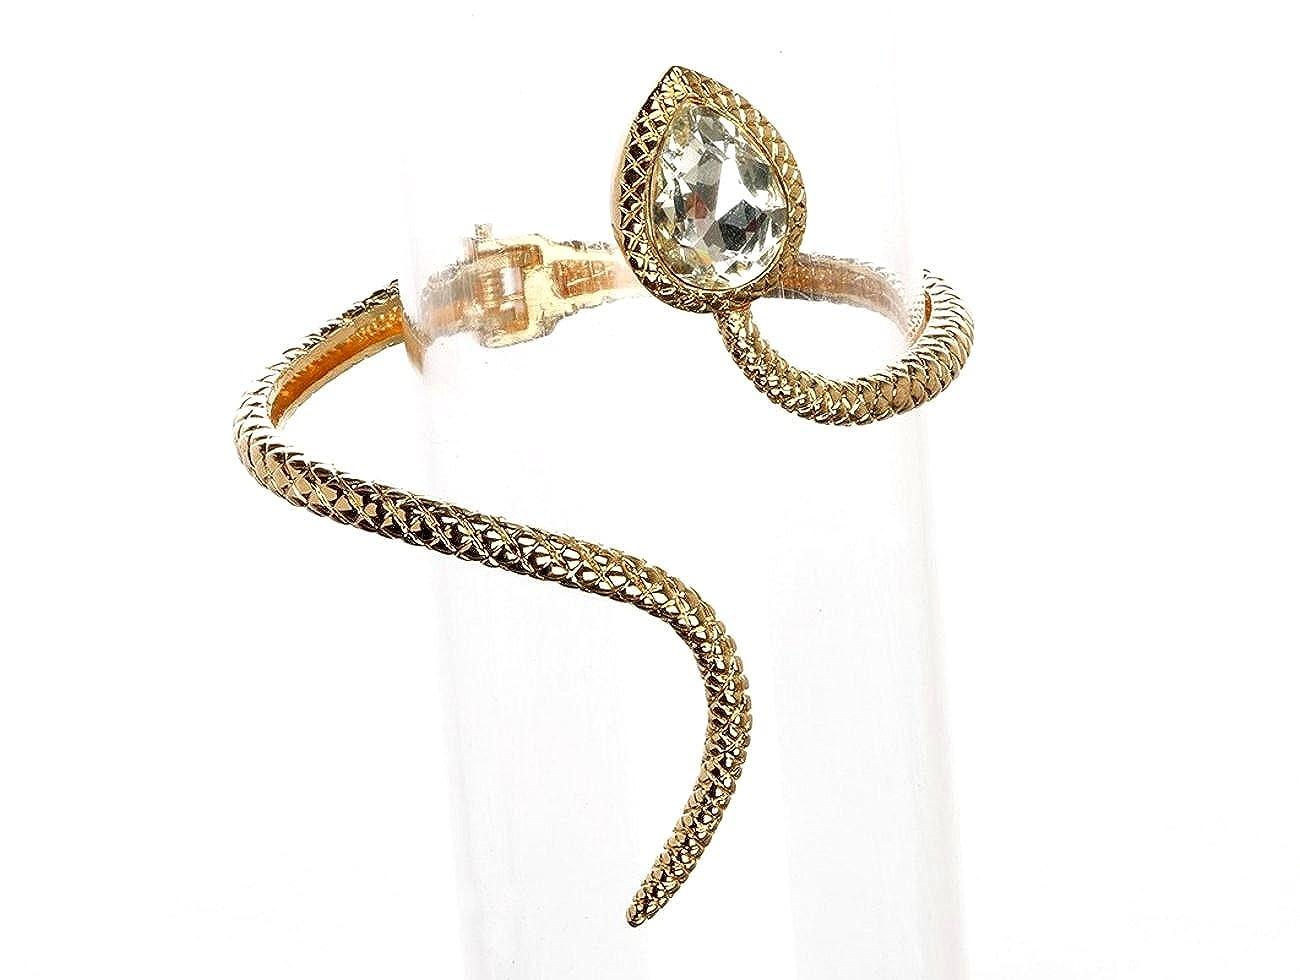 Triángulo hippie Chic hinchable brazalete flexible serpiente ...